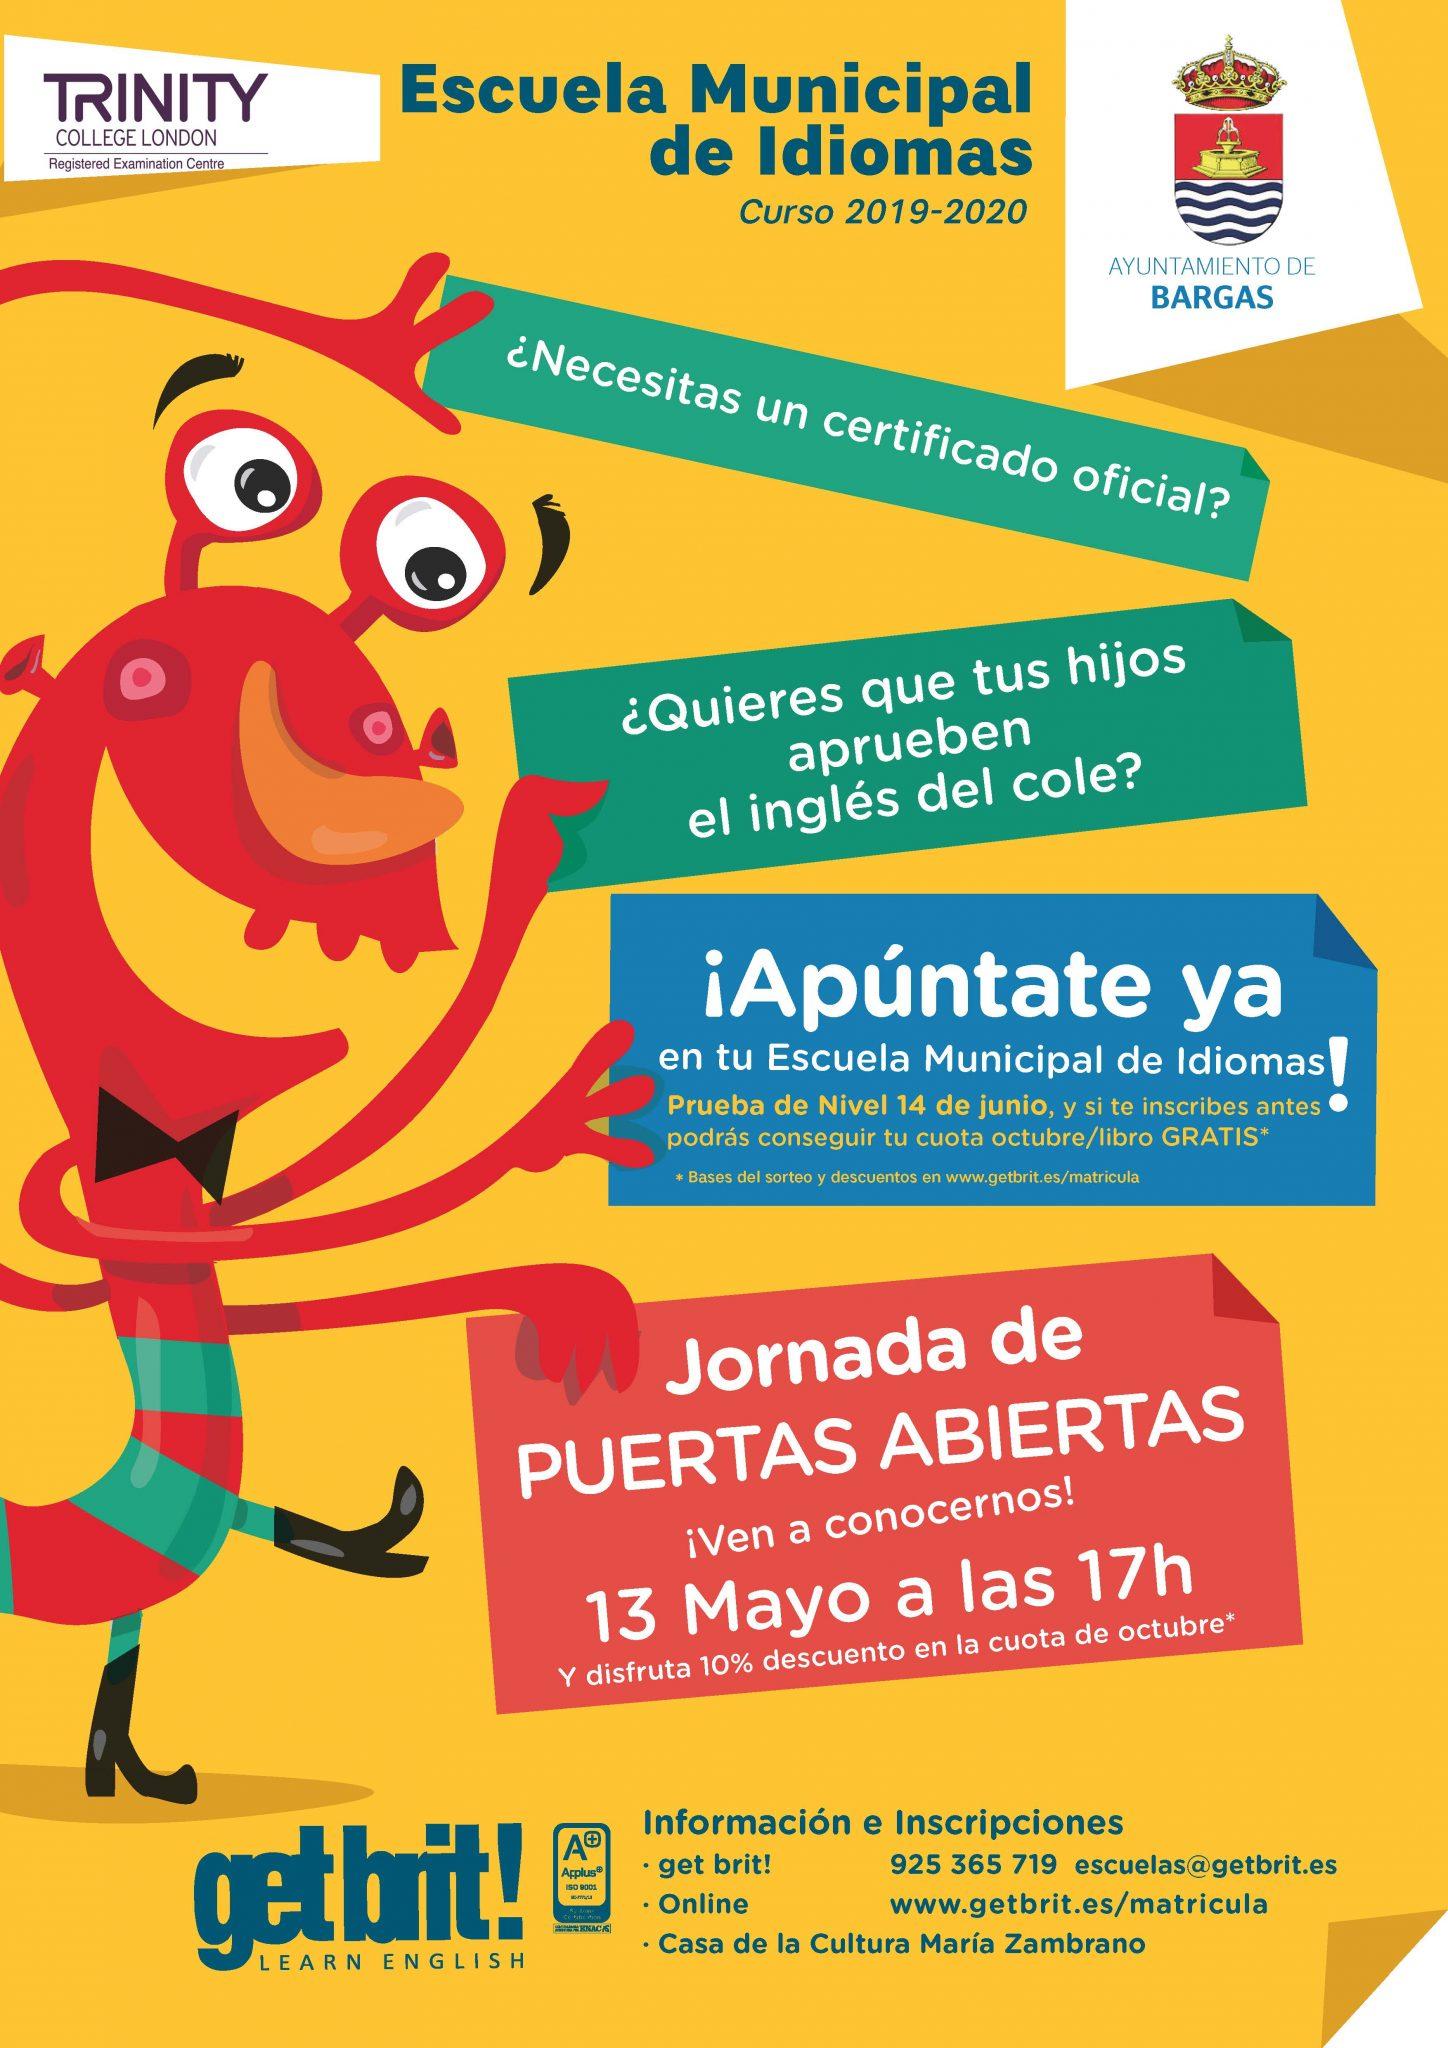 Jornada de puertas abiertas de la Escuela Municipal de Idiomas